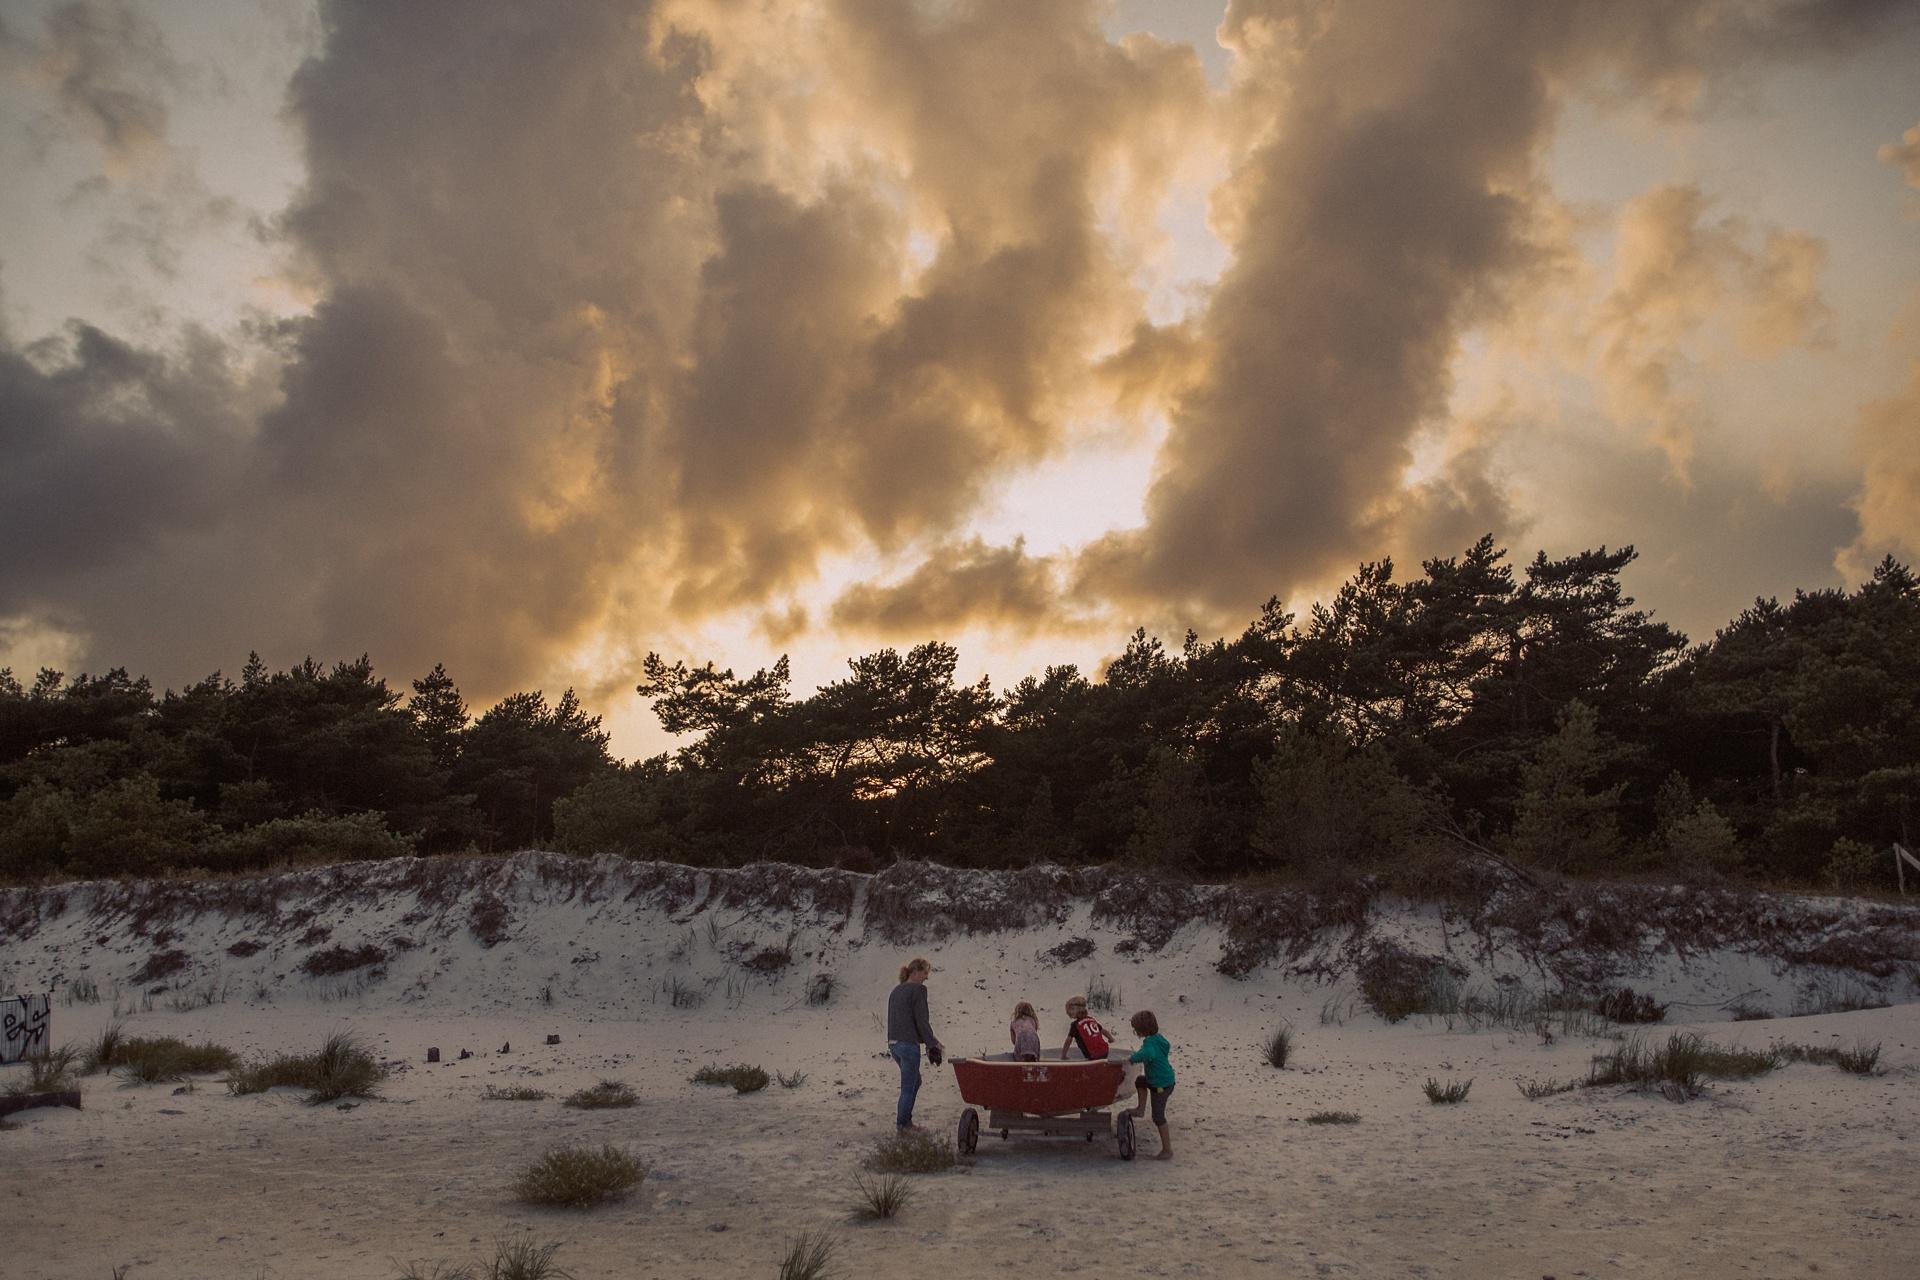 Flammender Abendhimmel - Bornholm Momente - Strandcamping am Dueodde